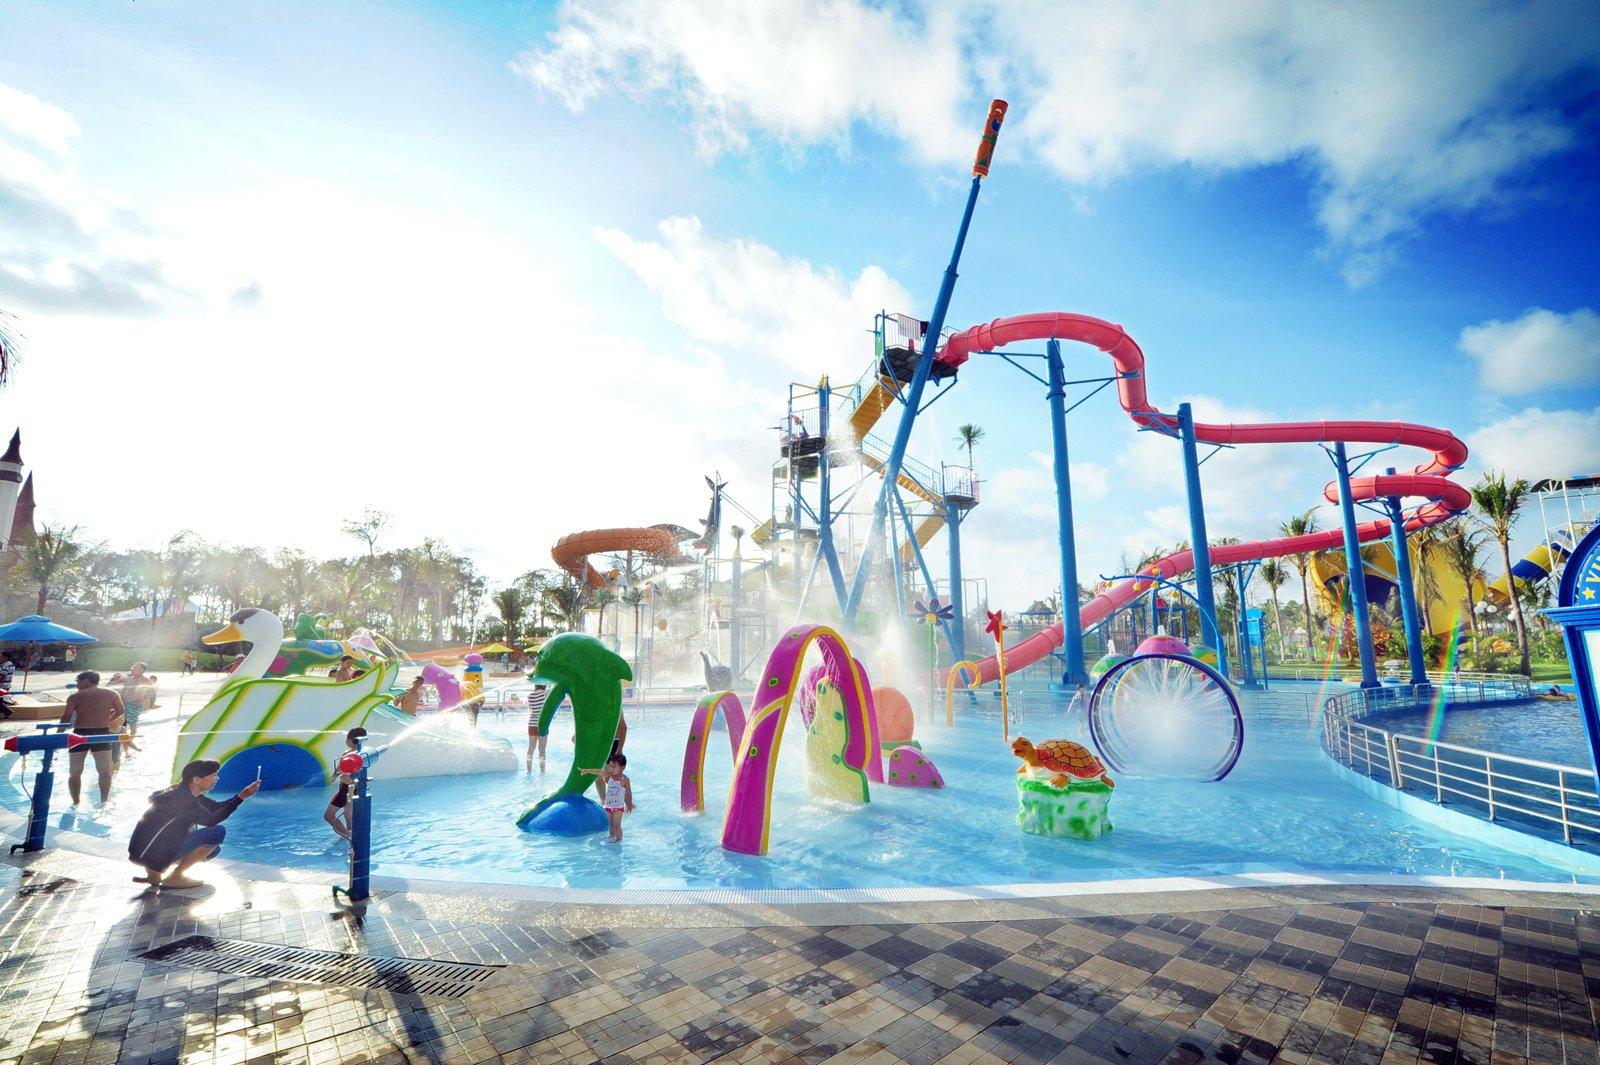 Khu vui chơi giải trí tại Vinpearl Resort Phú Quốc